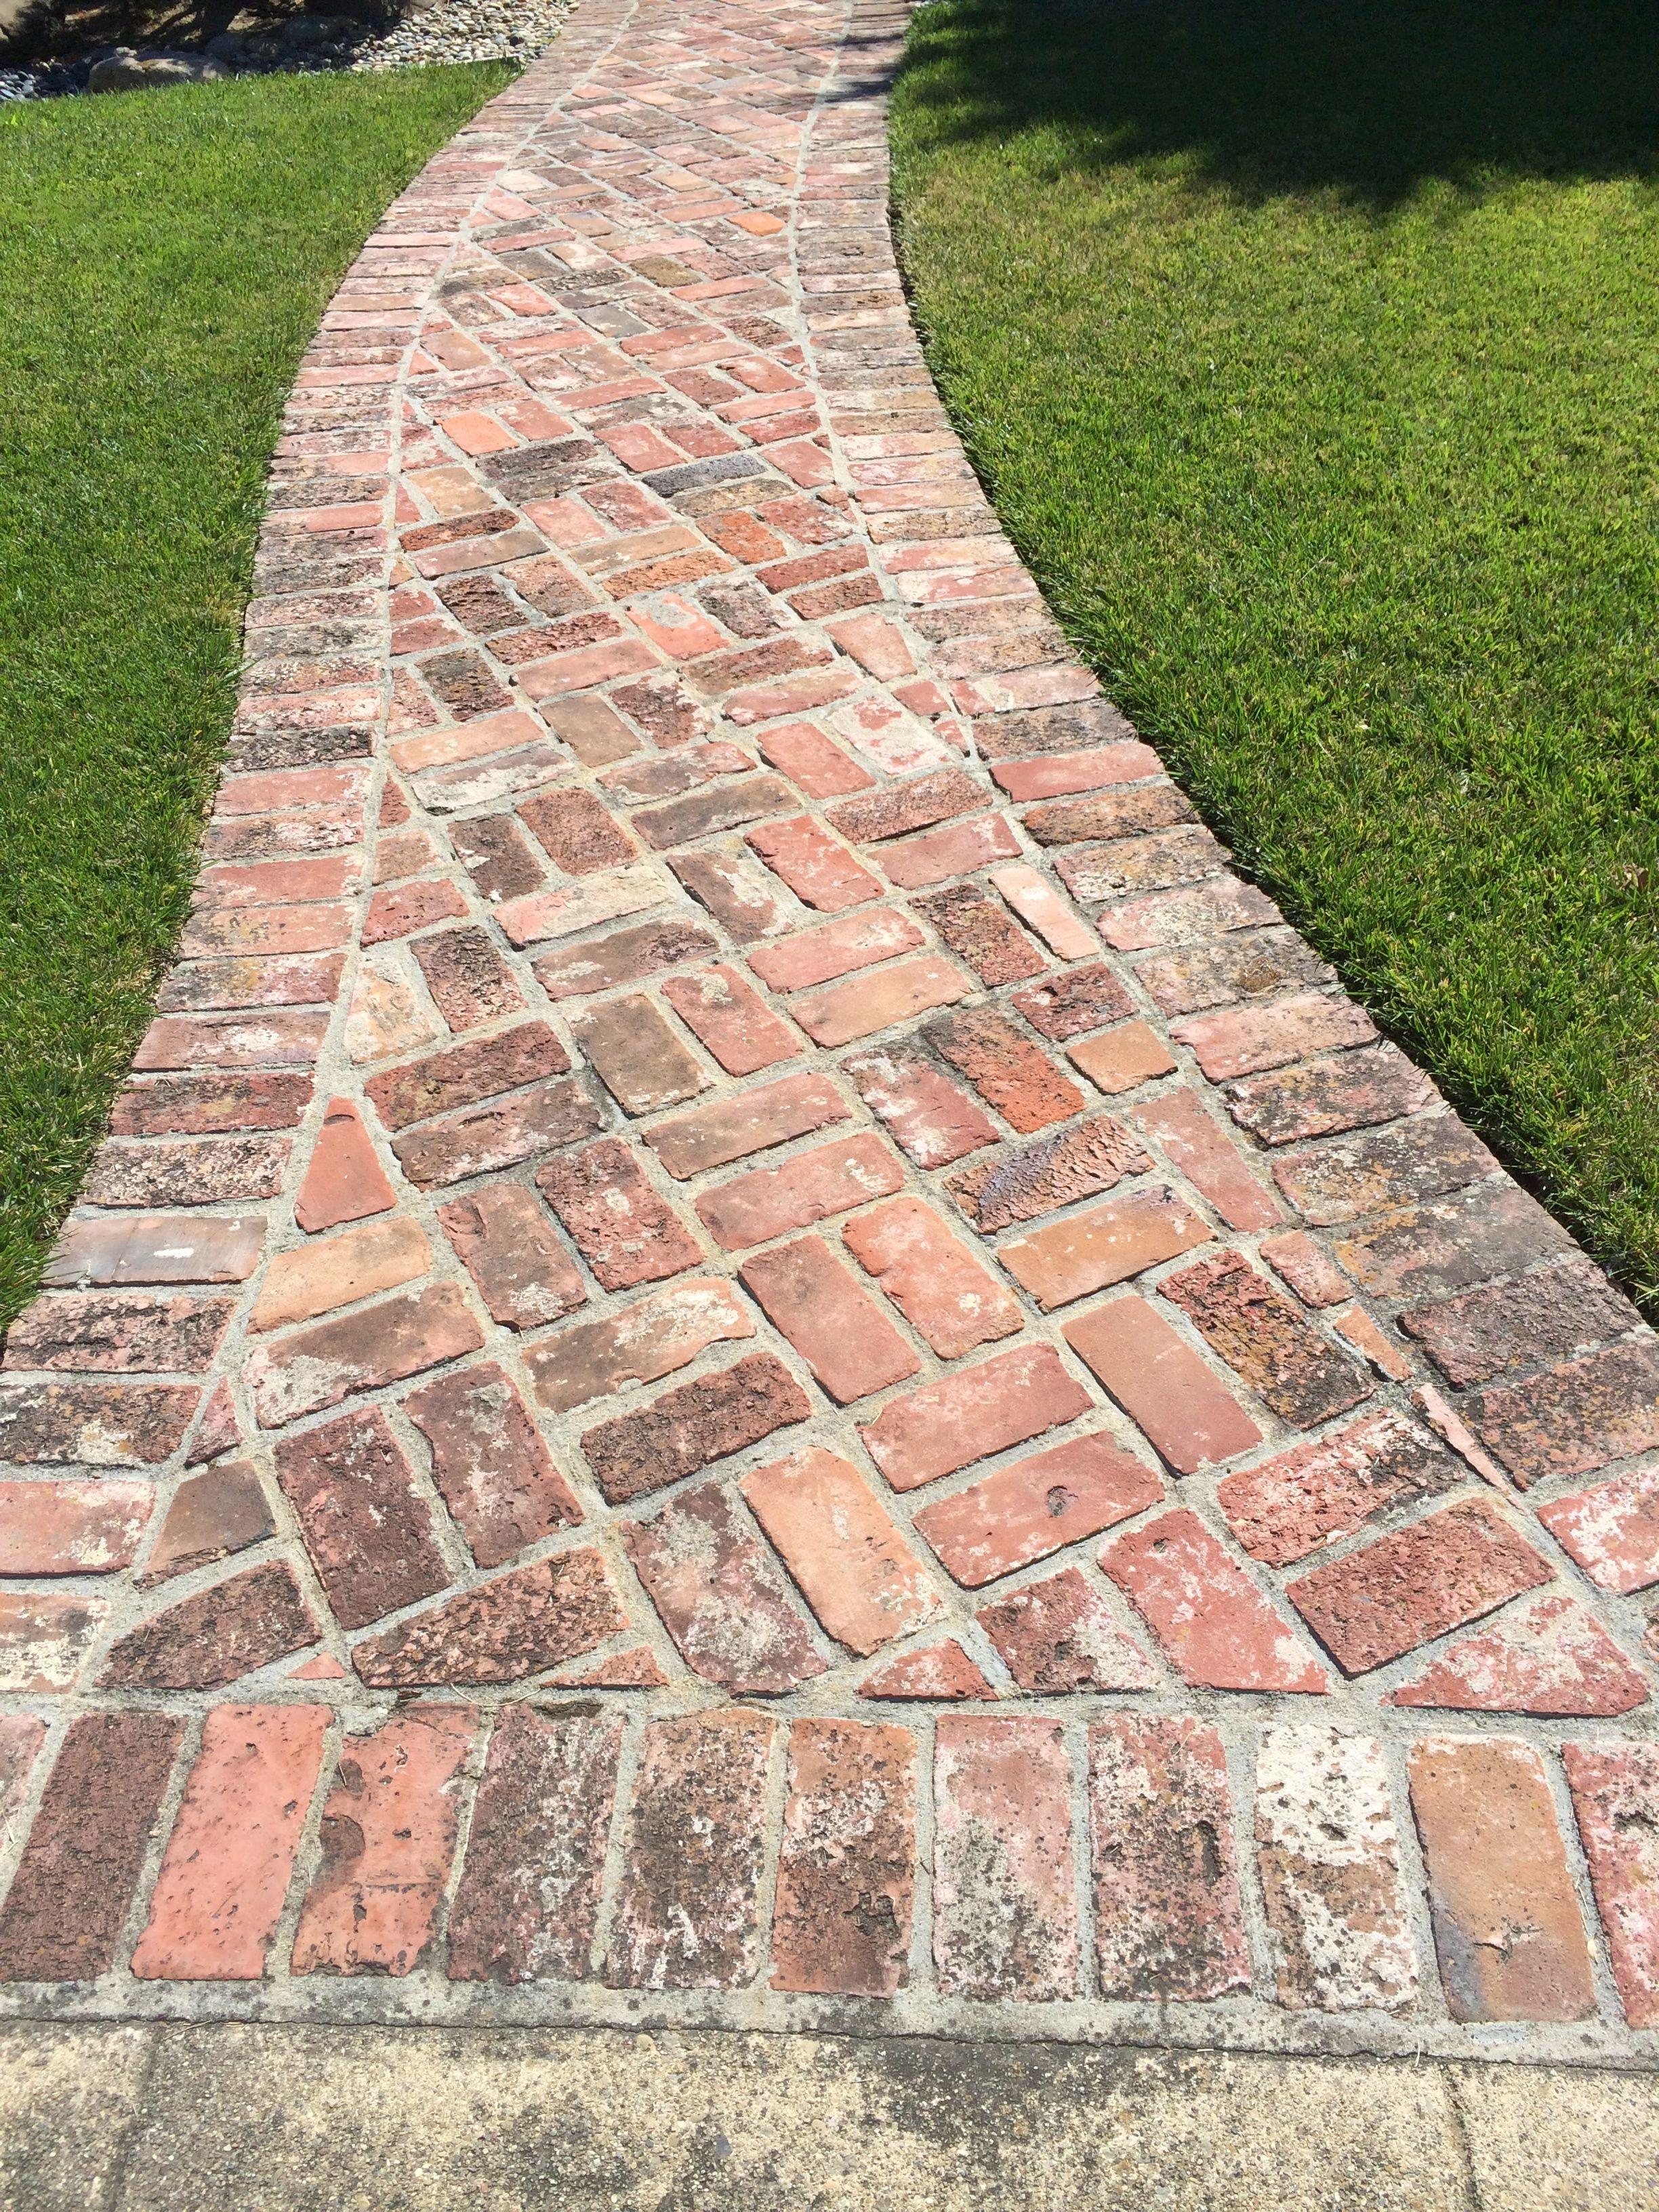 Herringbone Brick Pathway With Border On Concrete Pathway